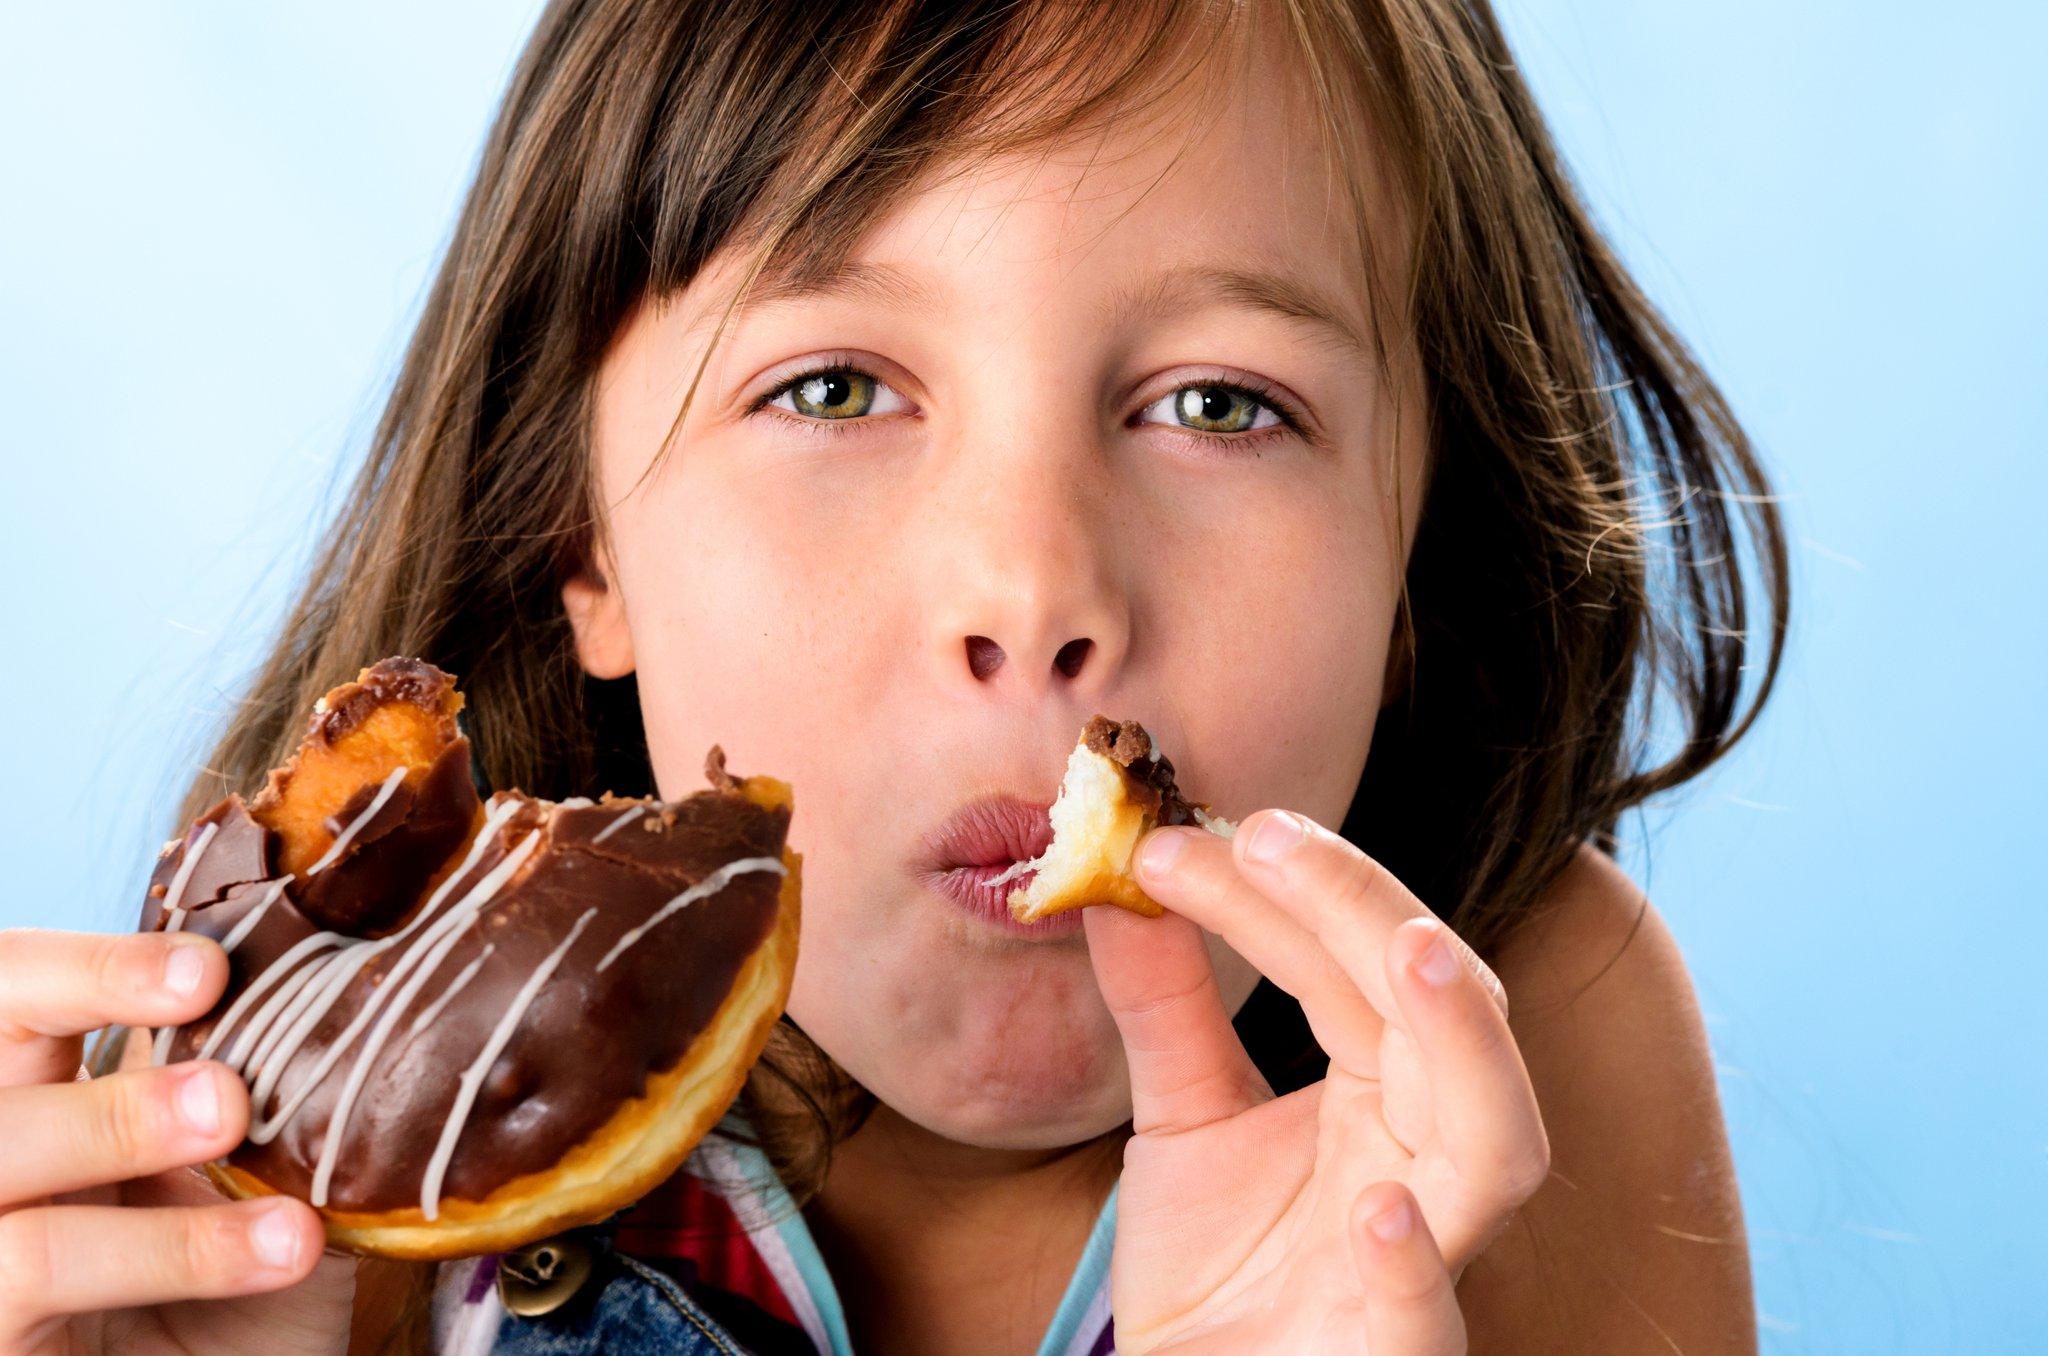 Το φαινόμενο της παιδικής παχυσαρκίας & οι τρόποι που μπορεί να αντιμετωπιστεί-featured_image